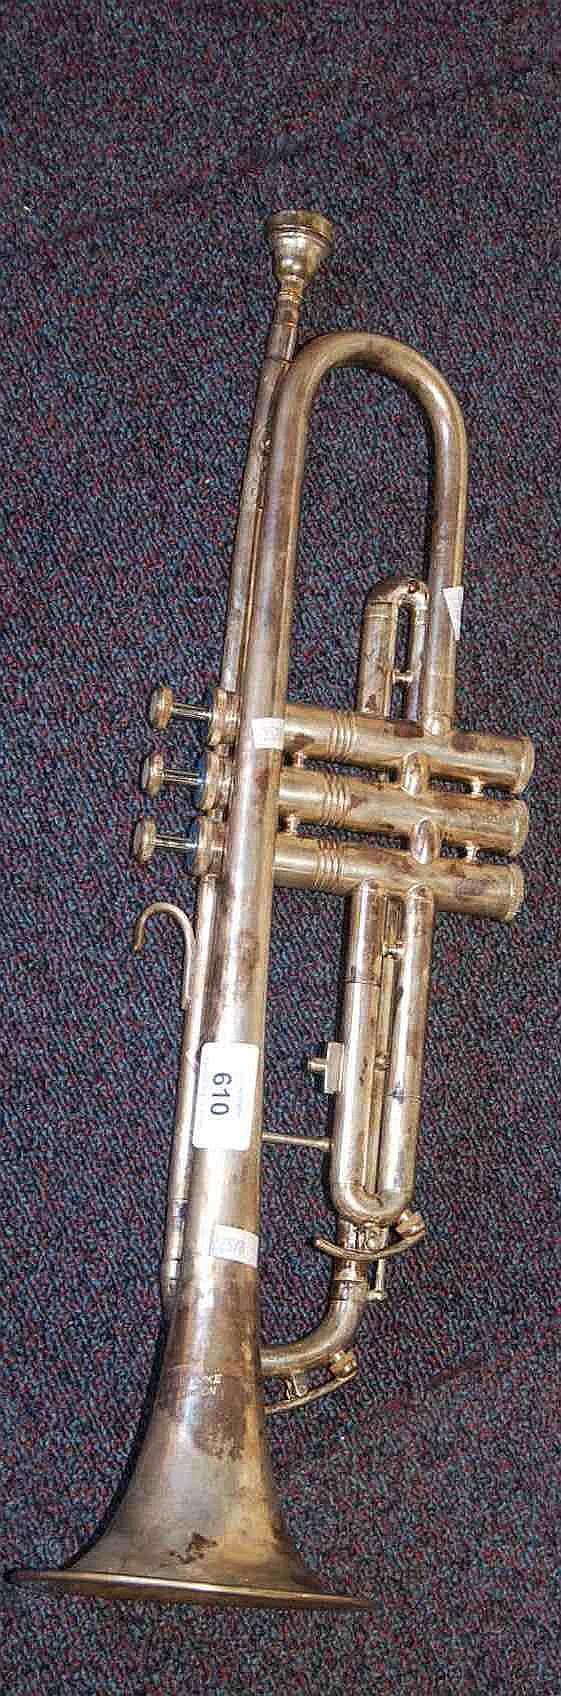 Vintage silver plate trumpet by J R  Lafleur,